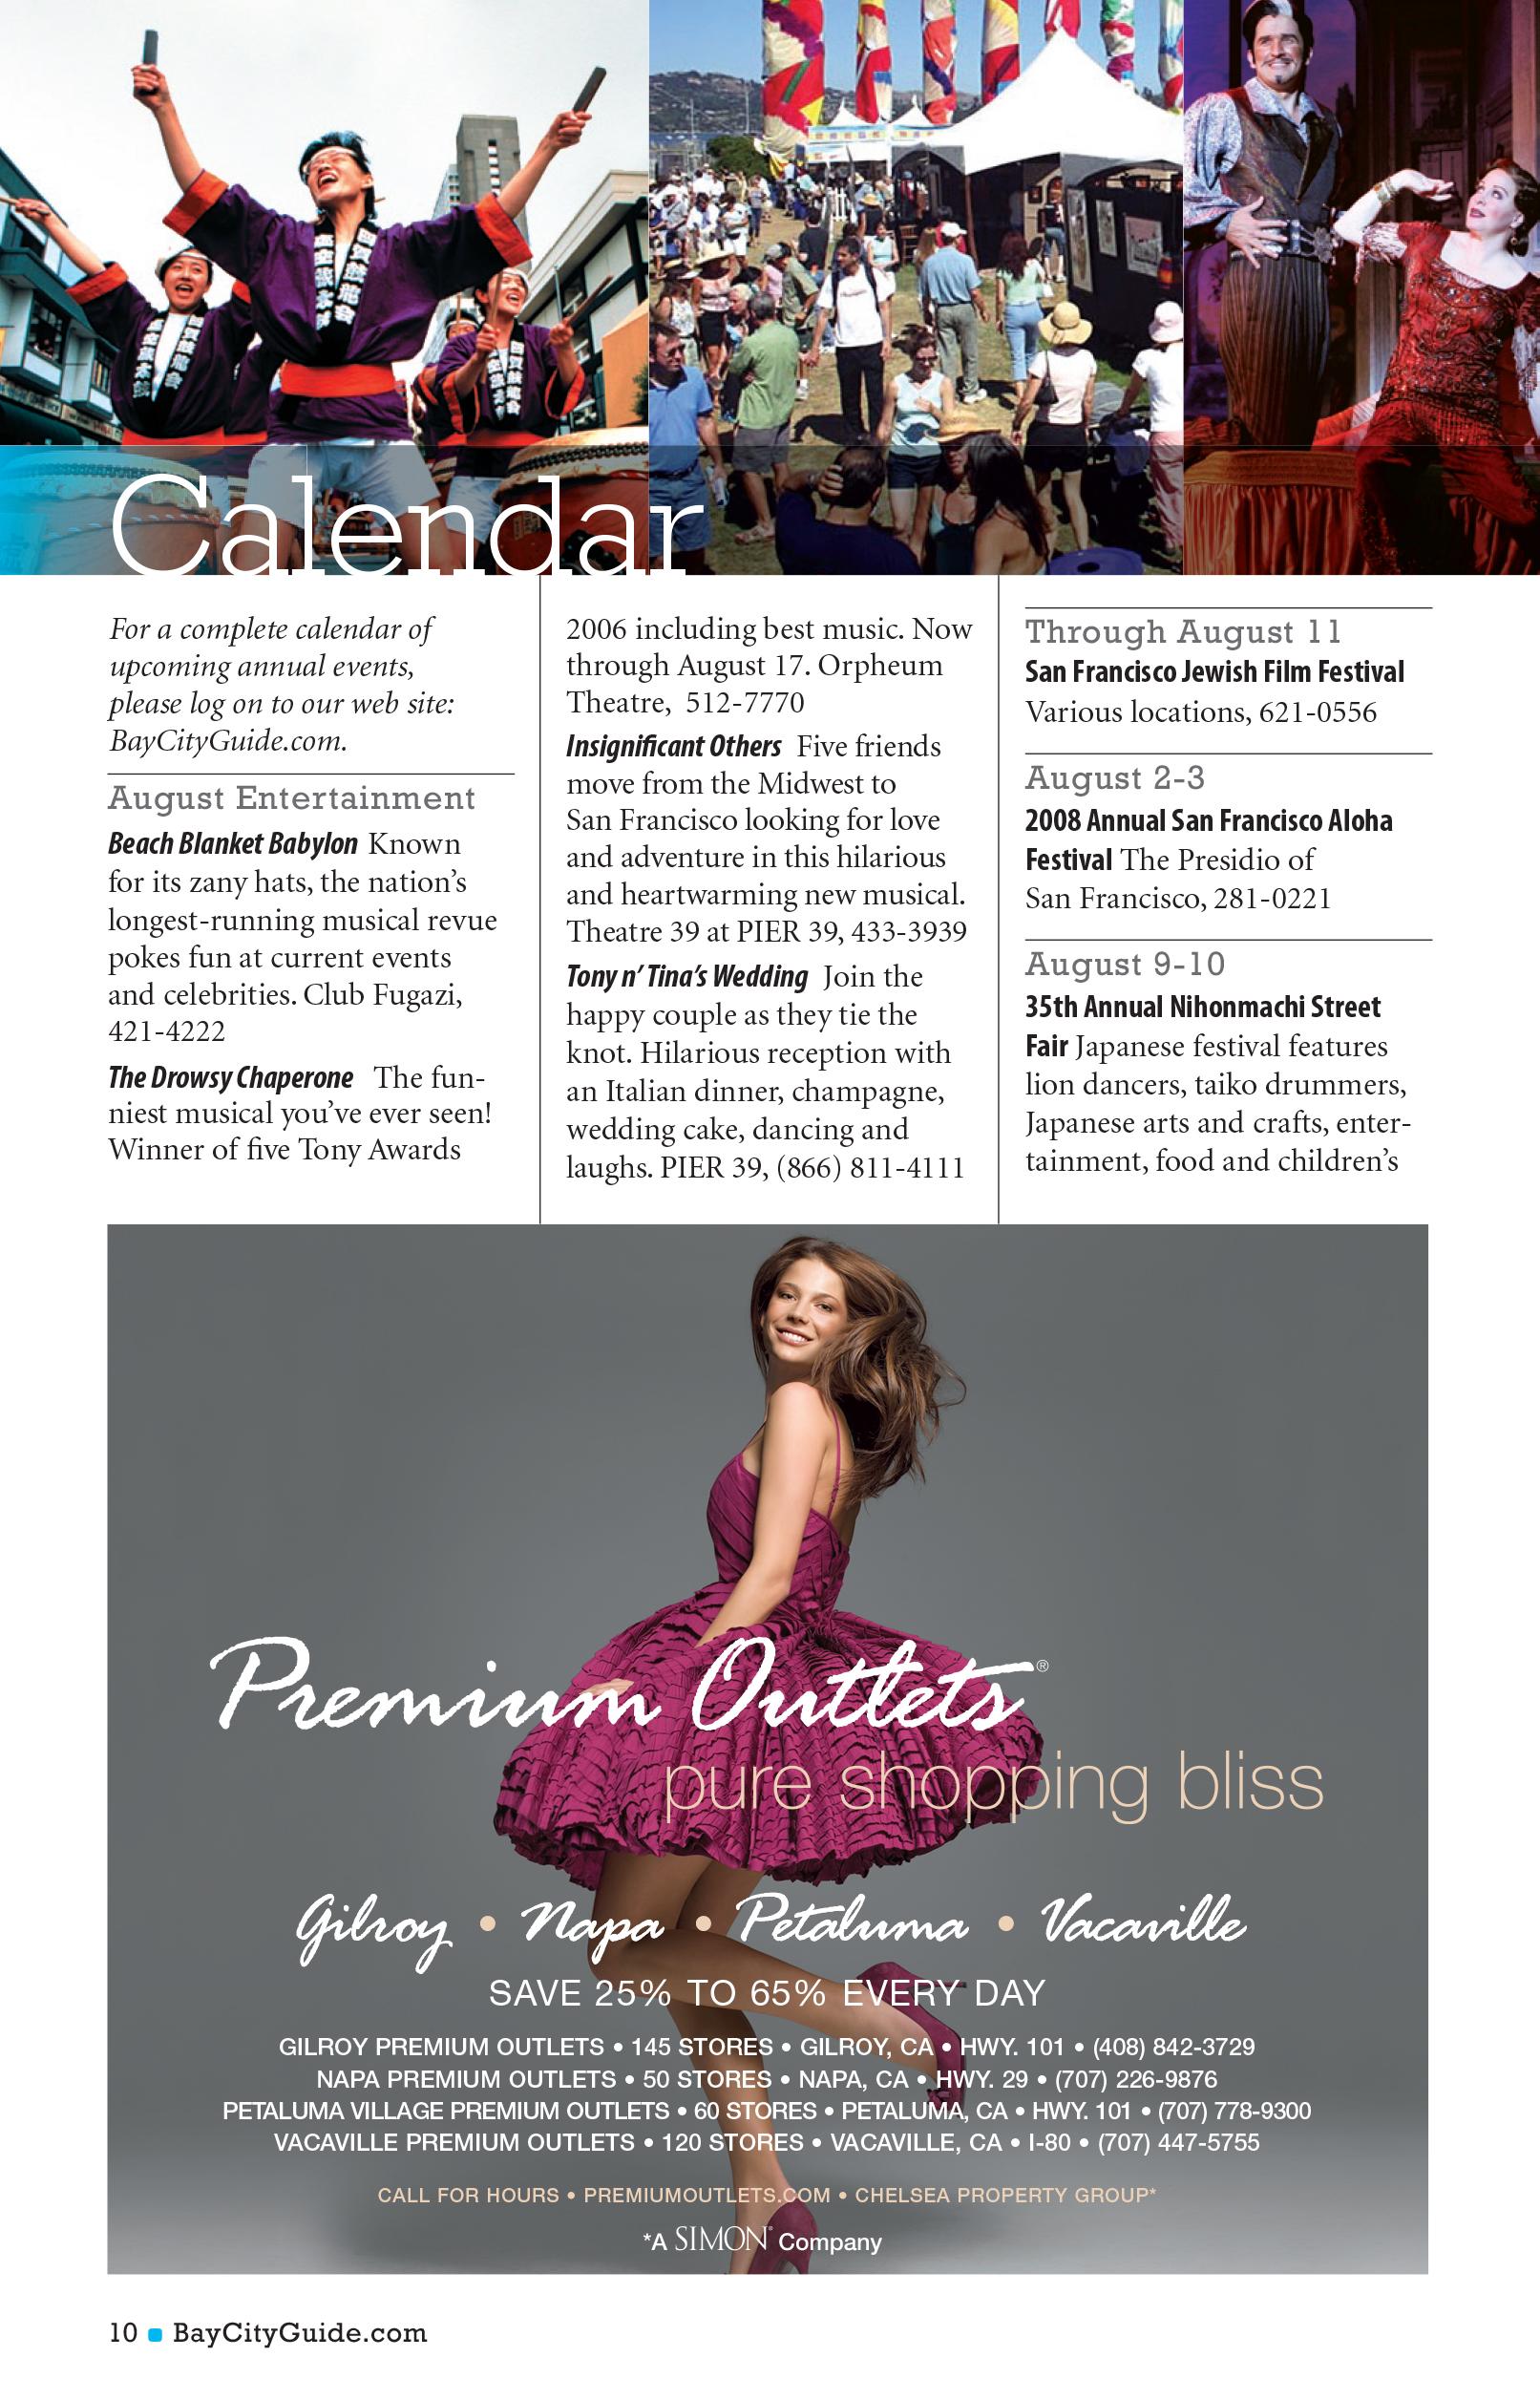 Bay City Guide magazine - Calendar